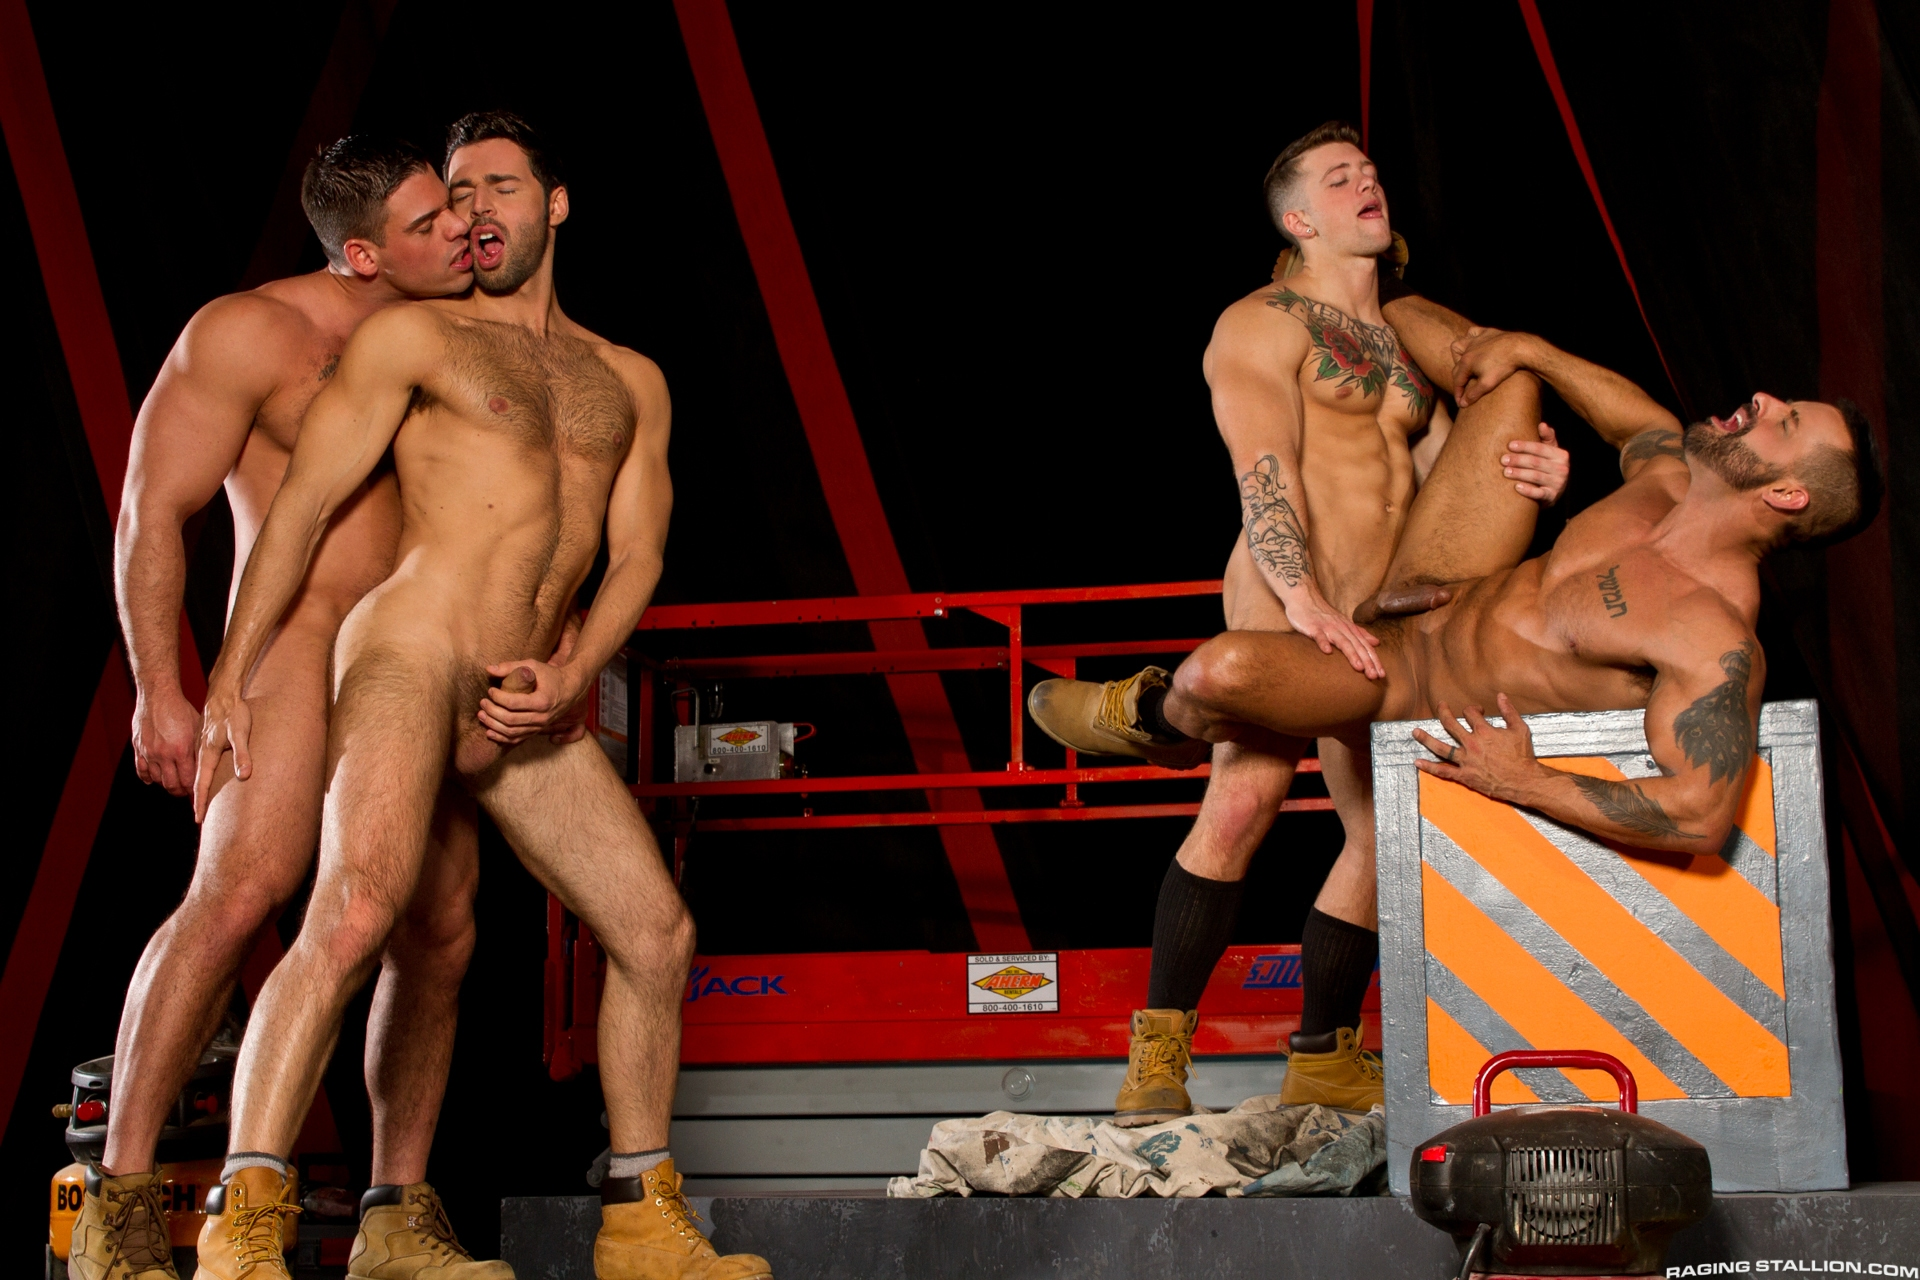 Dario Beck, David Benjamin, Derek Atlas and Sebastian Kross 2